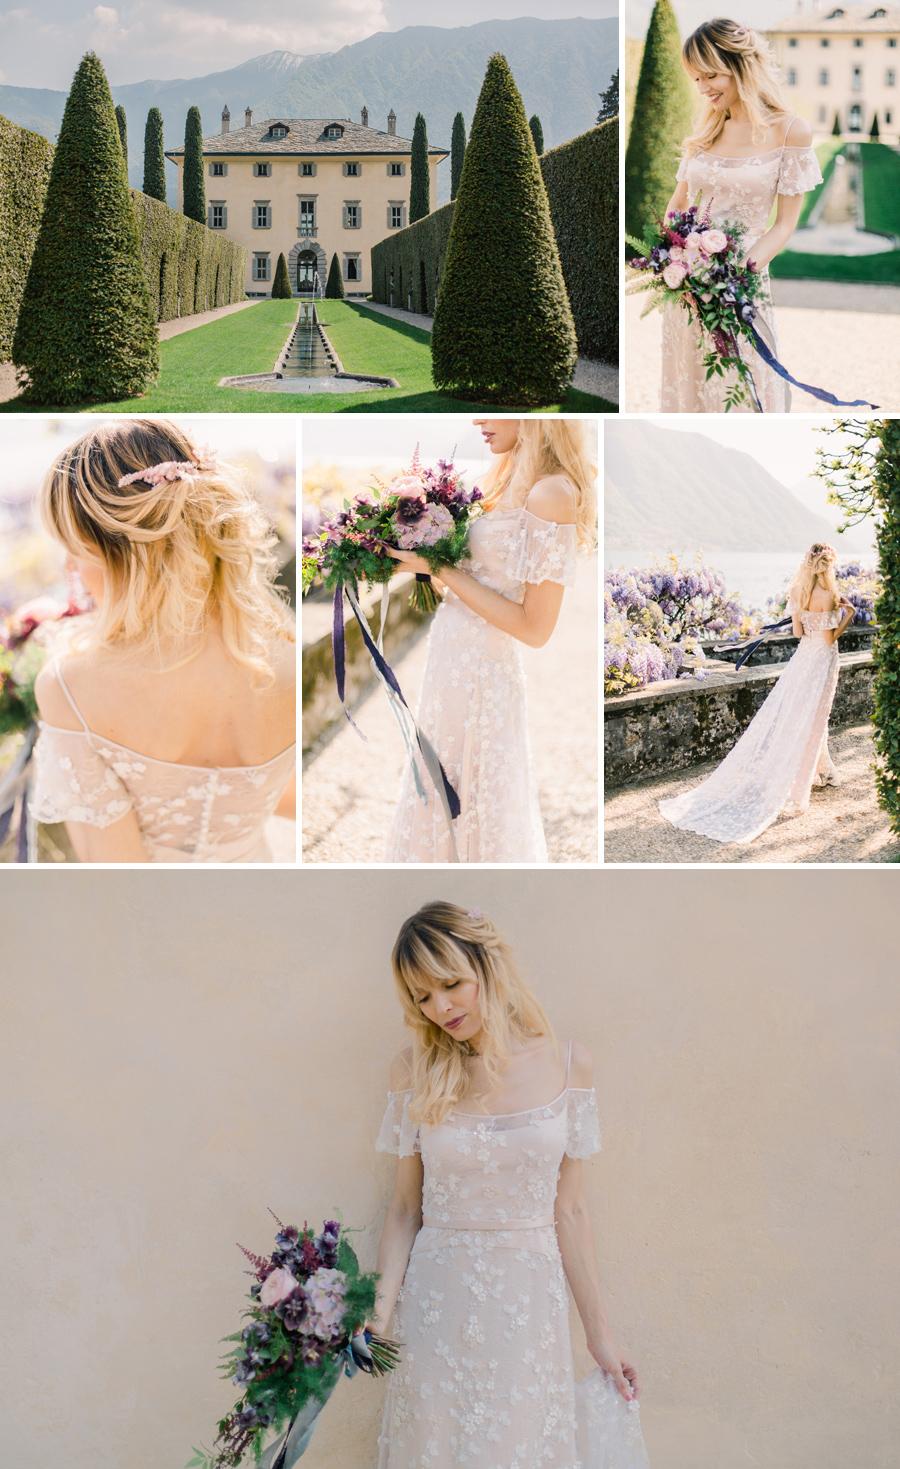 wedding villa balbiano lake como italy